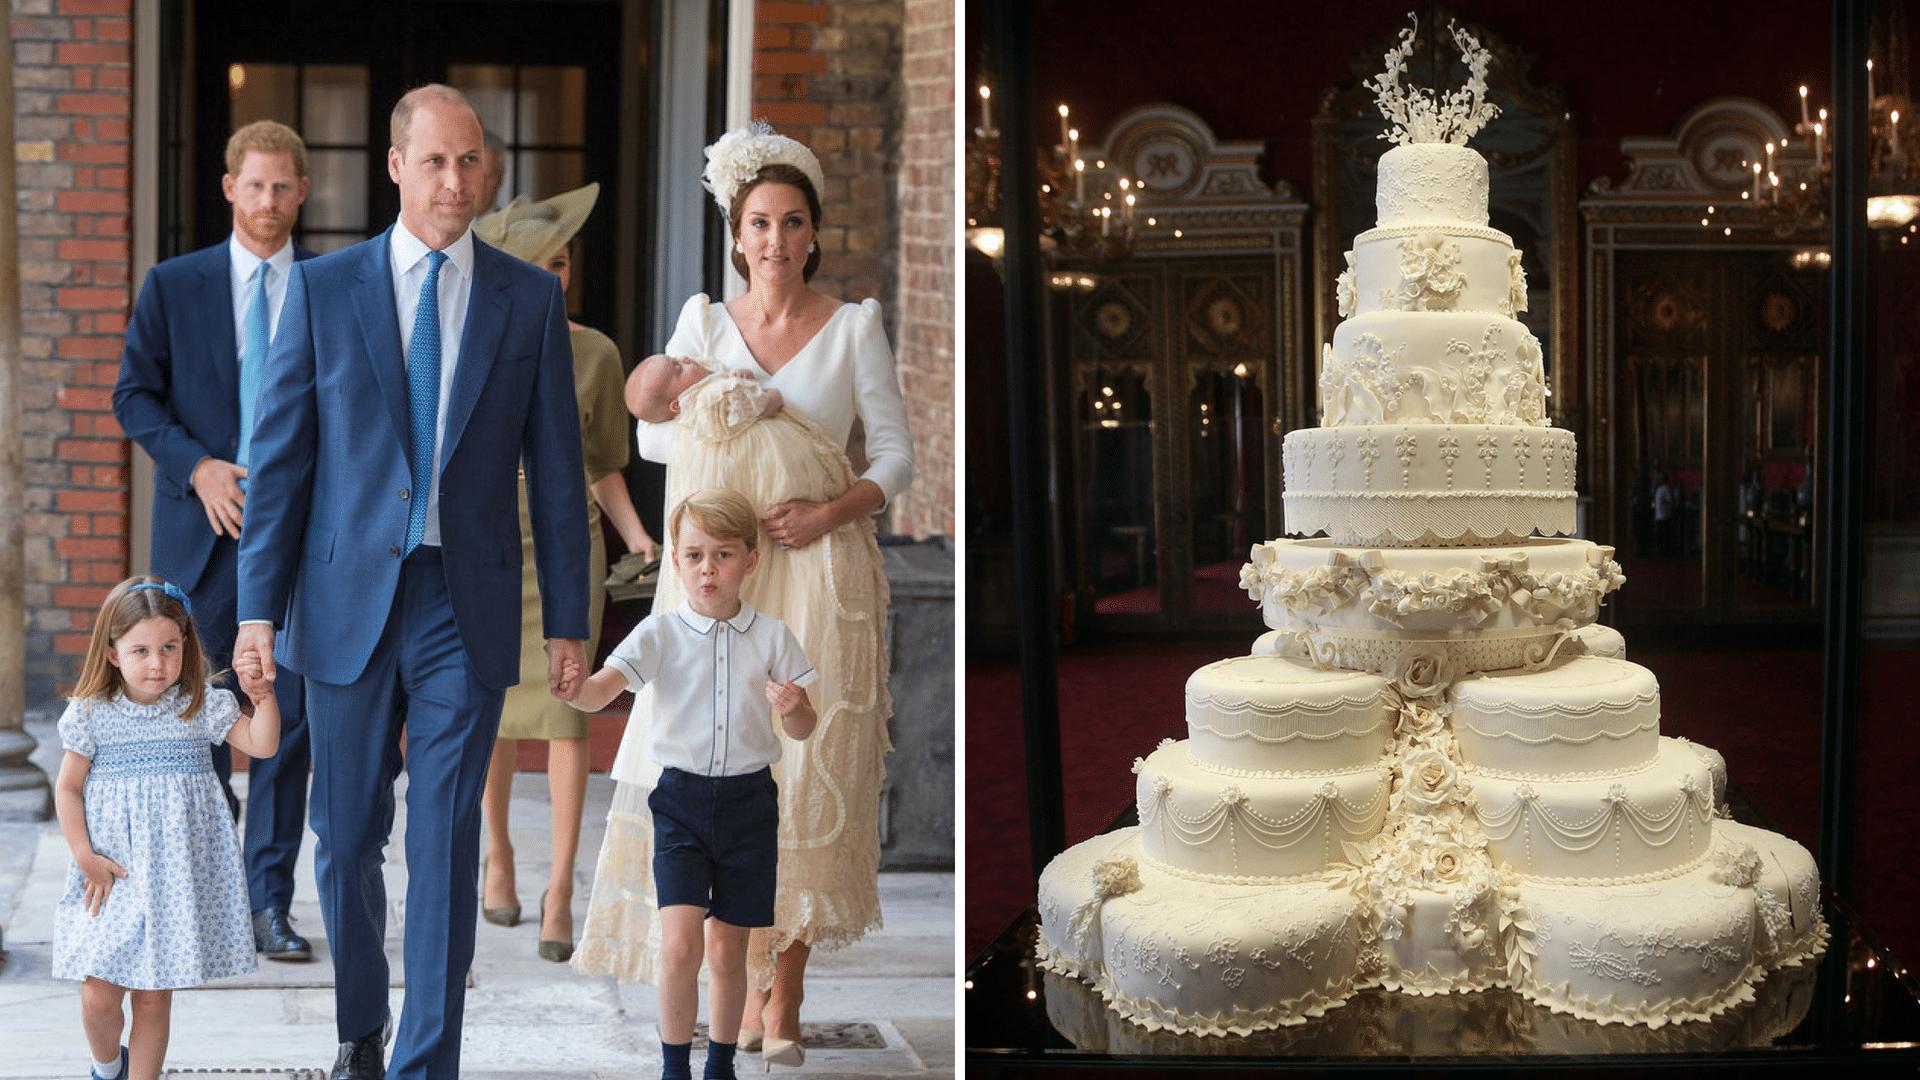 Le tradizioni (curiose) sul battesimo del principe Louis di Cambridge che riunirà la Royal Family forecasting